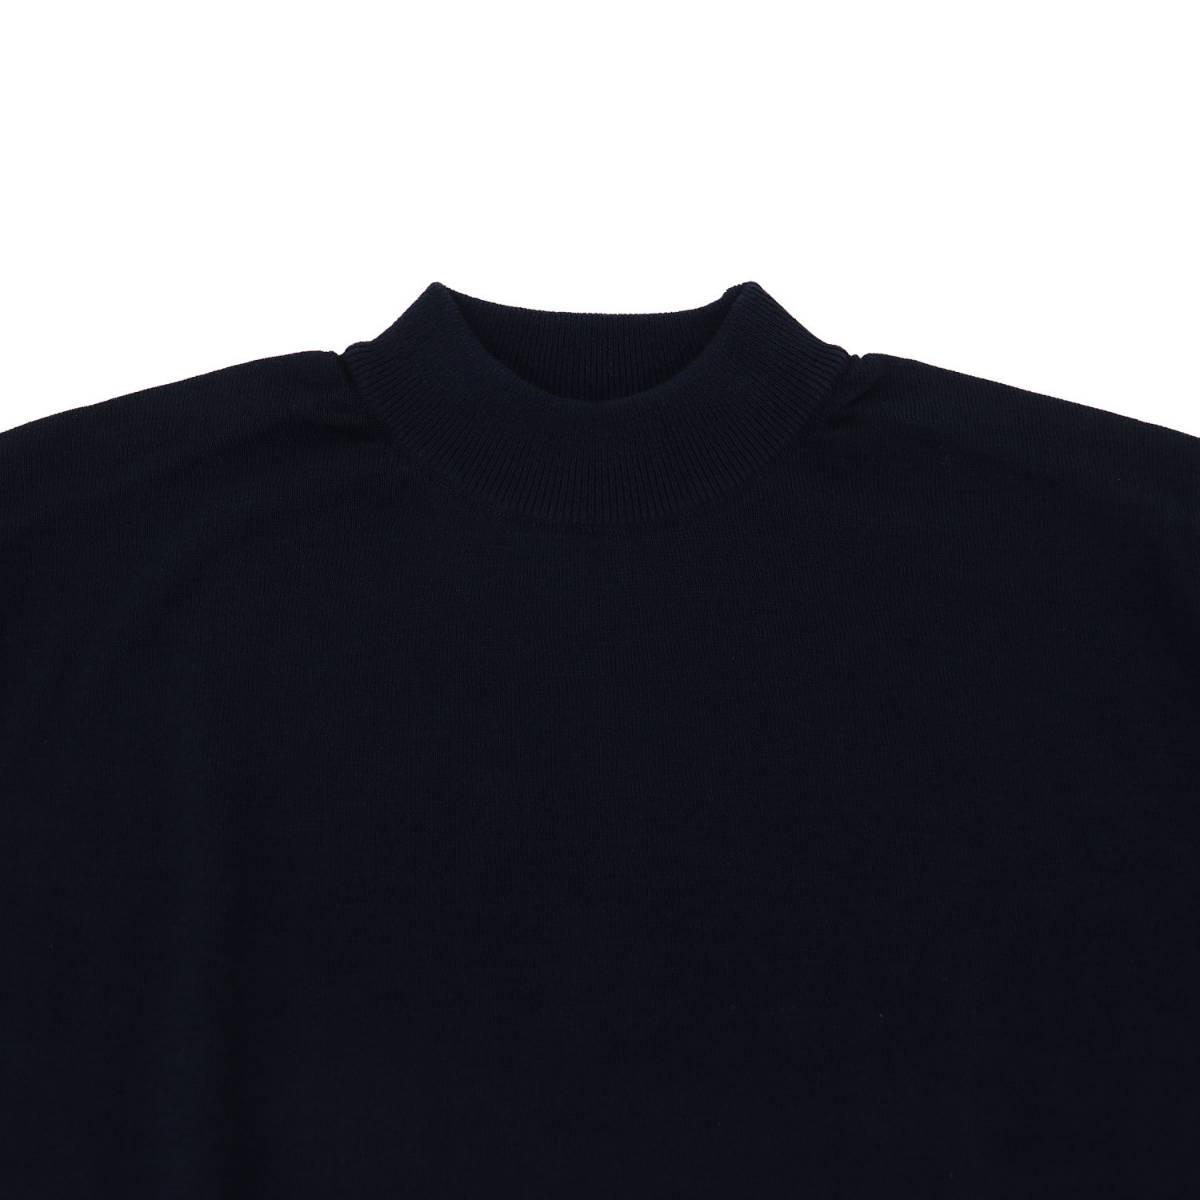 リナシェンテ RINASCENTE メンズ コットン モックネック ハイゲージ サマーニットセーター 203-61805 RST(ネイビー) 春夏新作